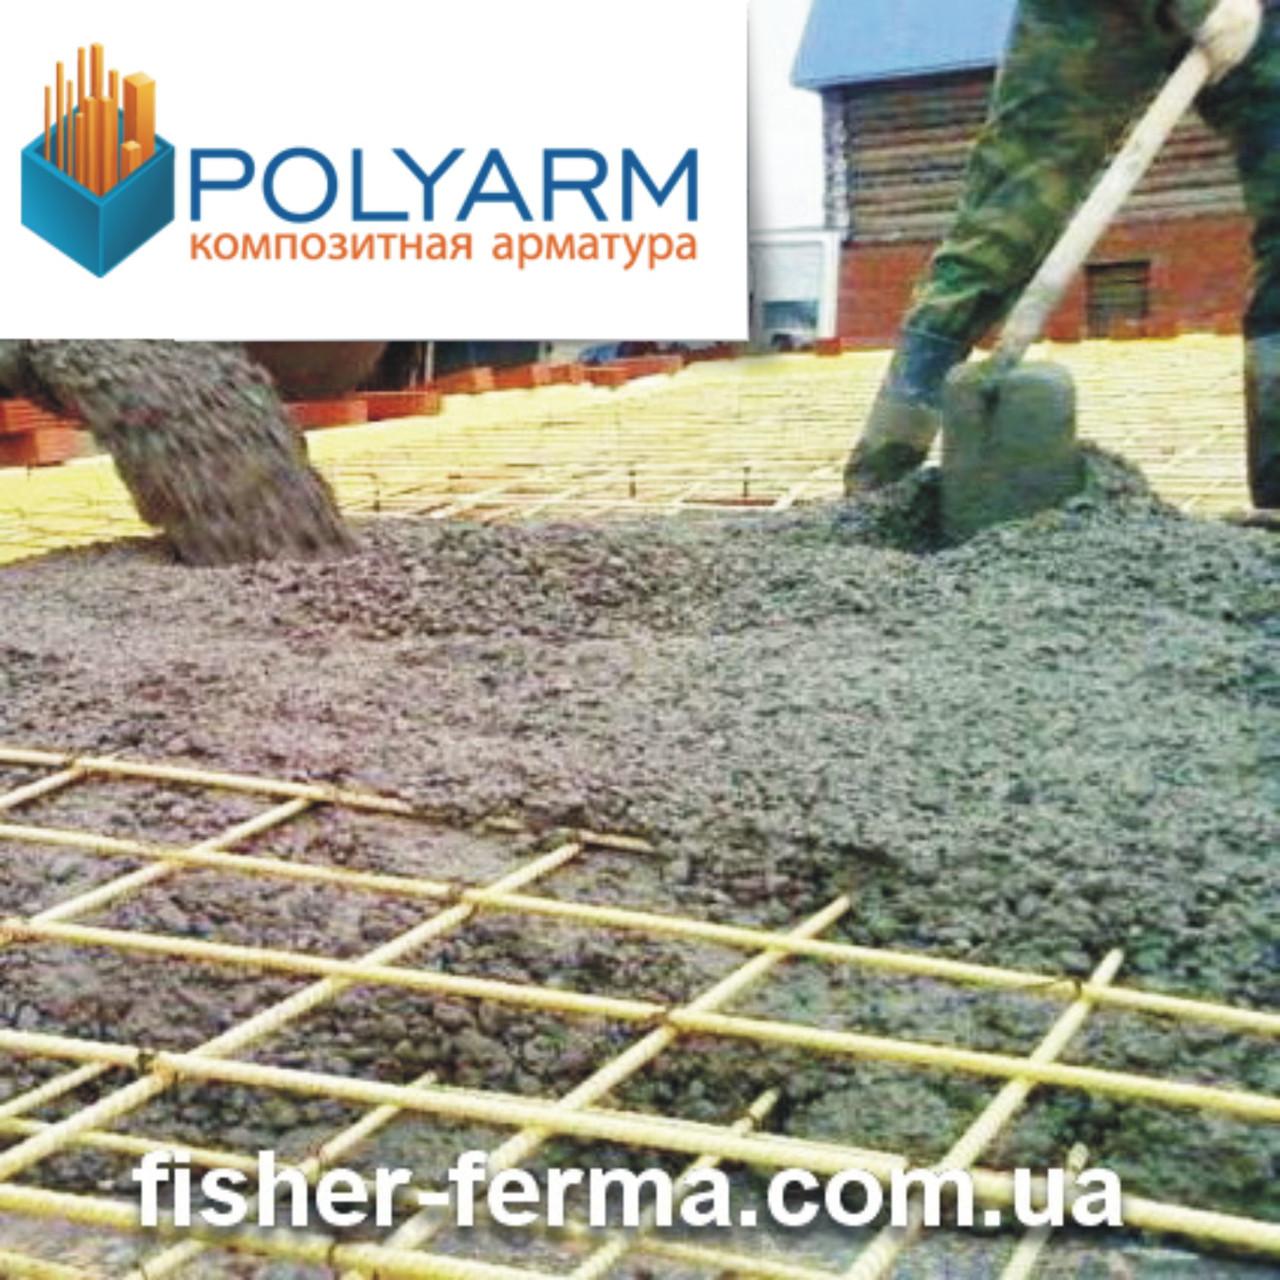 12мм-Композитная стеклопластиковая арматура Polyarm. Точный диаметр.